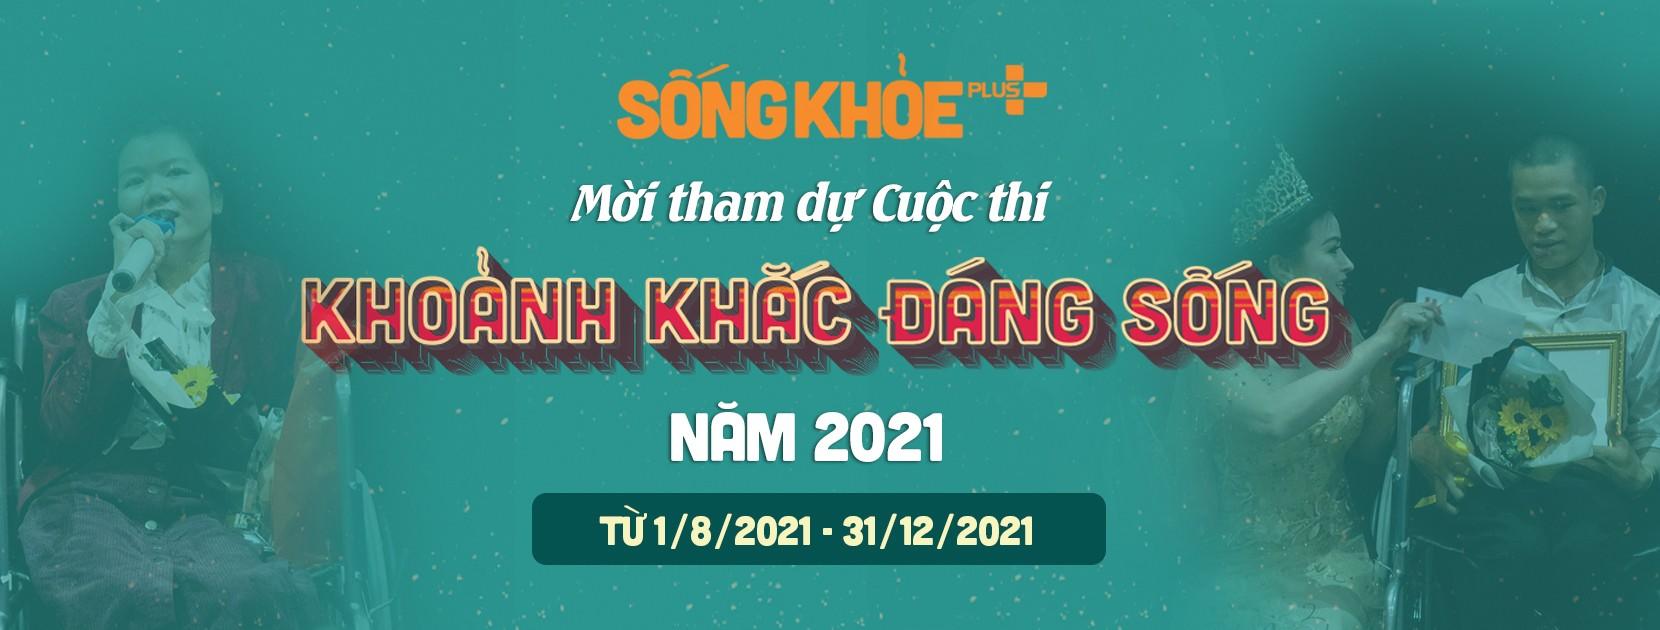 khoanh-khac-dang-song-1627817033.jpg